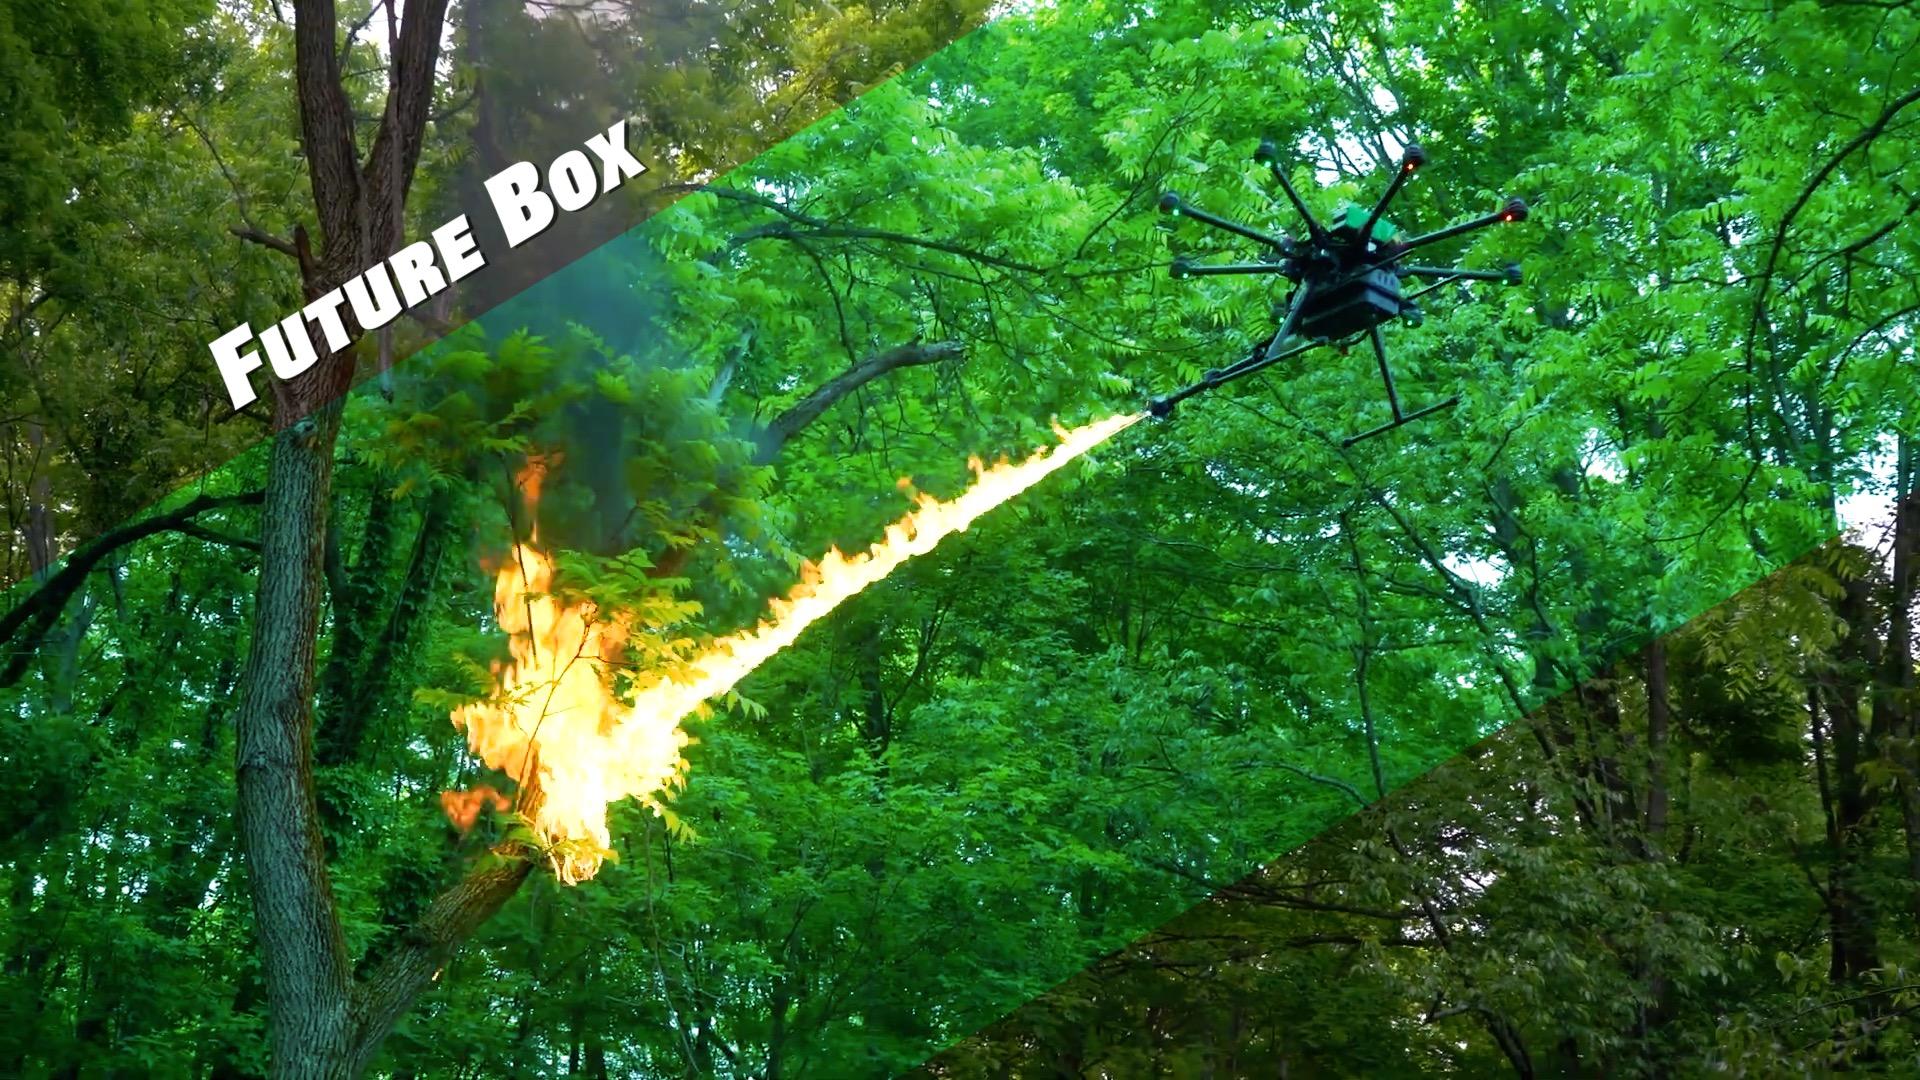 【腾博会娱乐平台视频 Future Box】电力清障、灭马蜂窝,请派喷火无人机上场